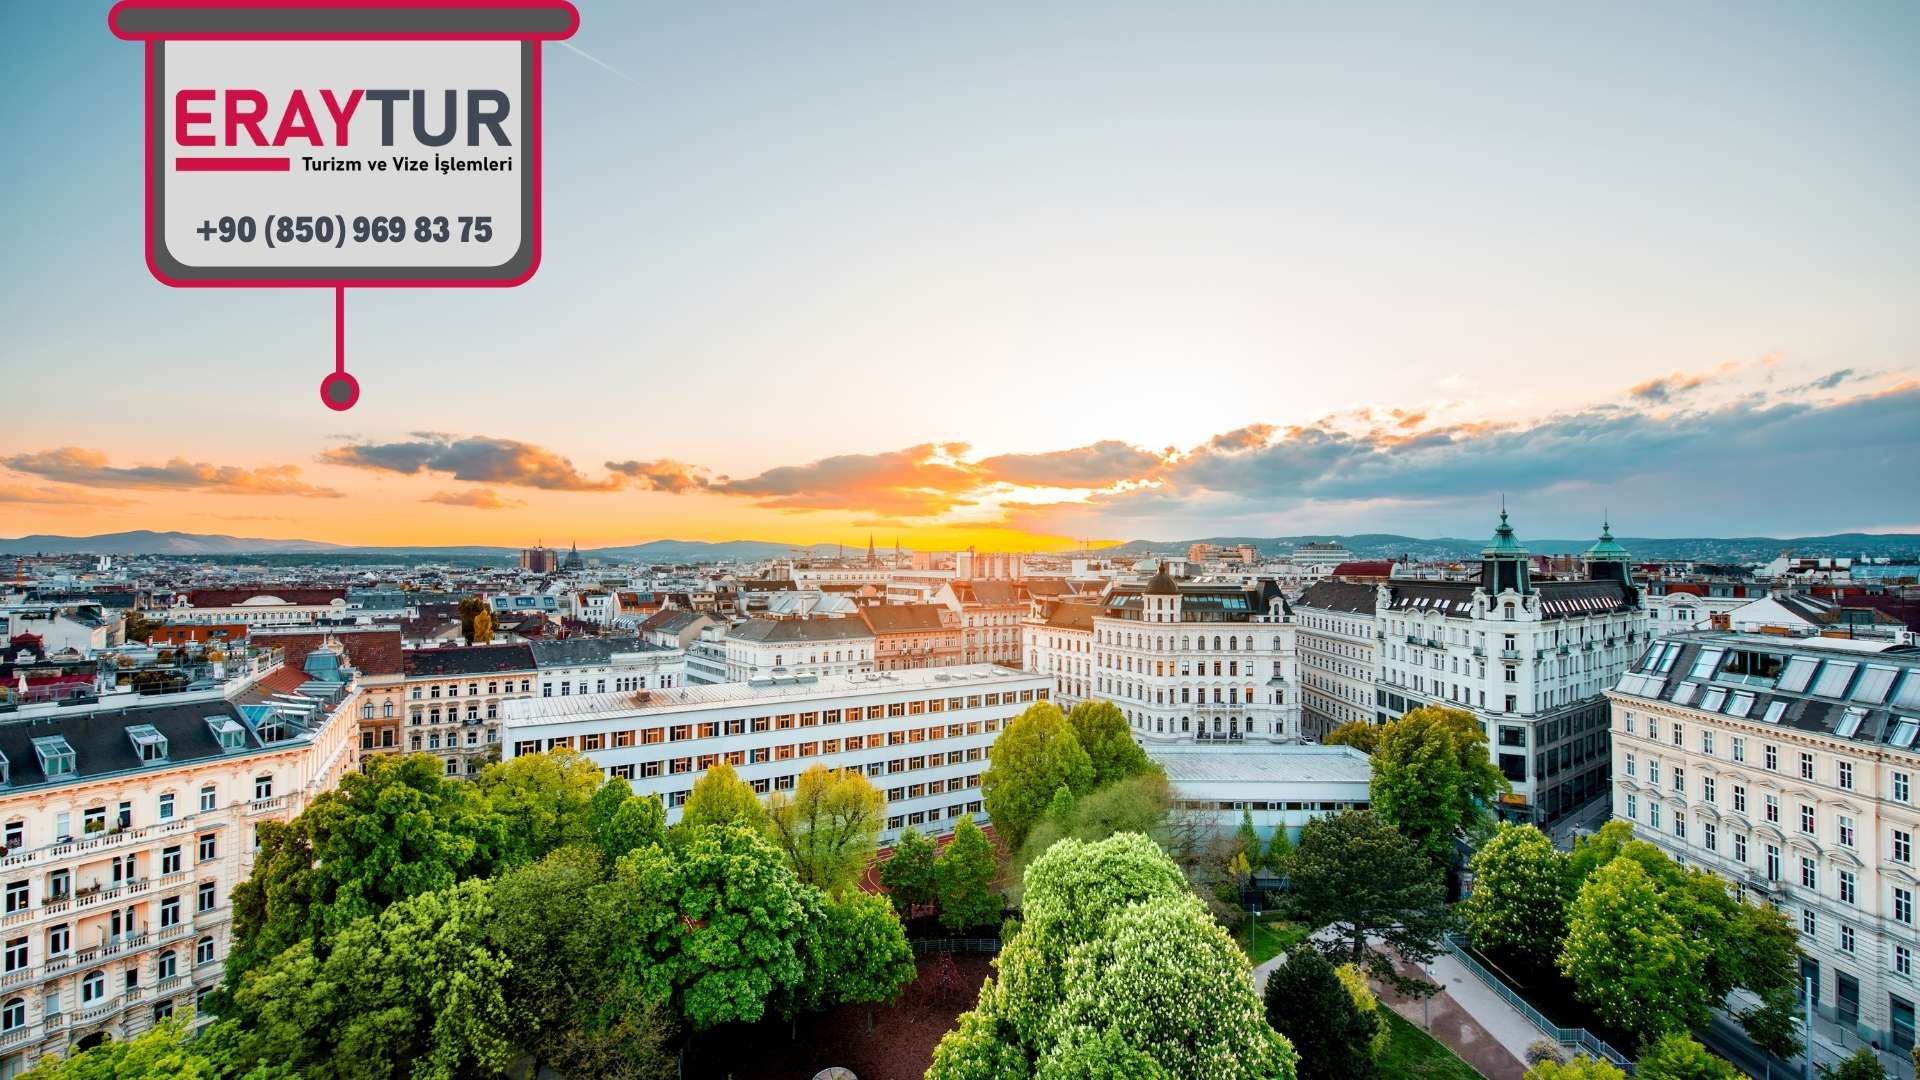 Avusturya Turistik Vize